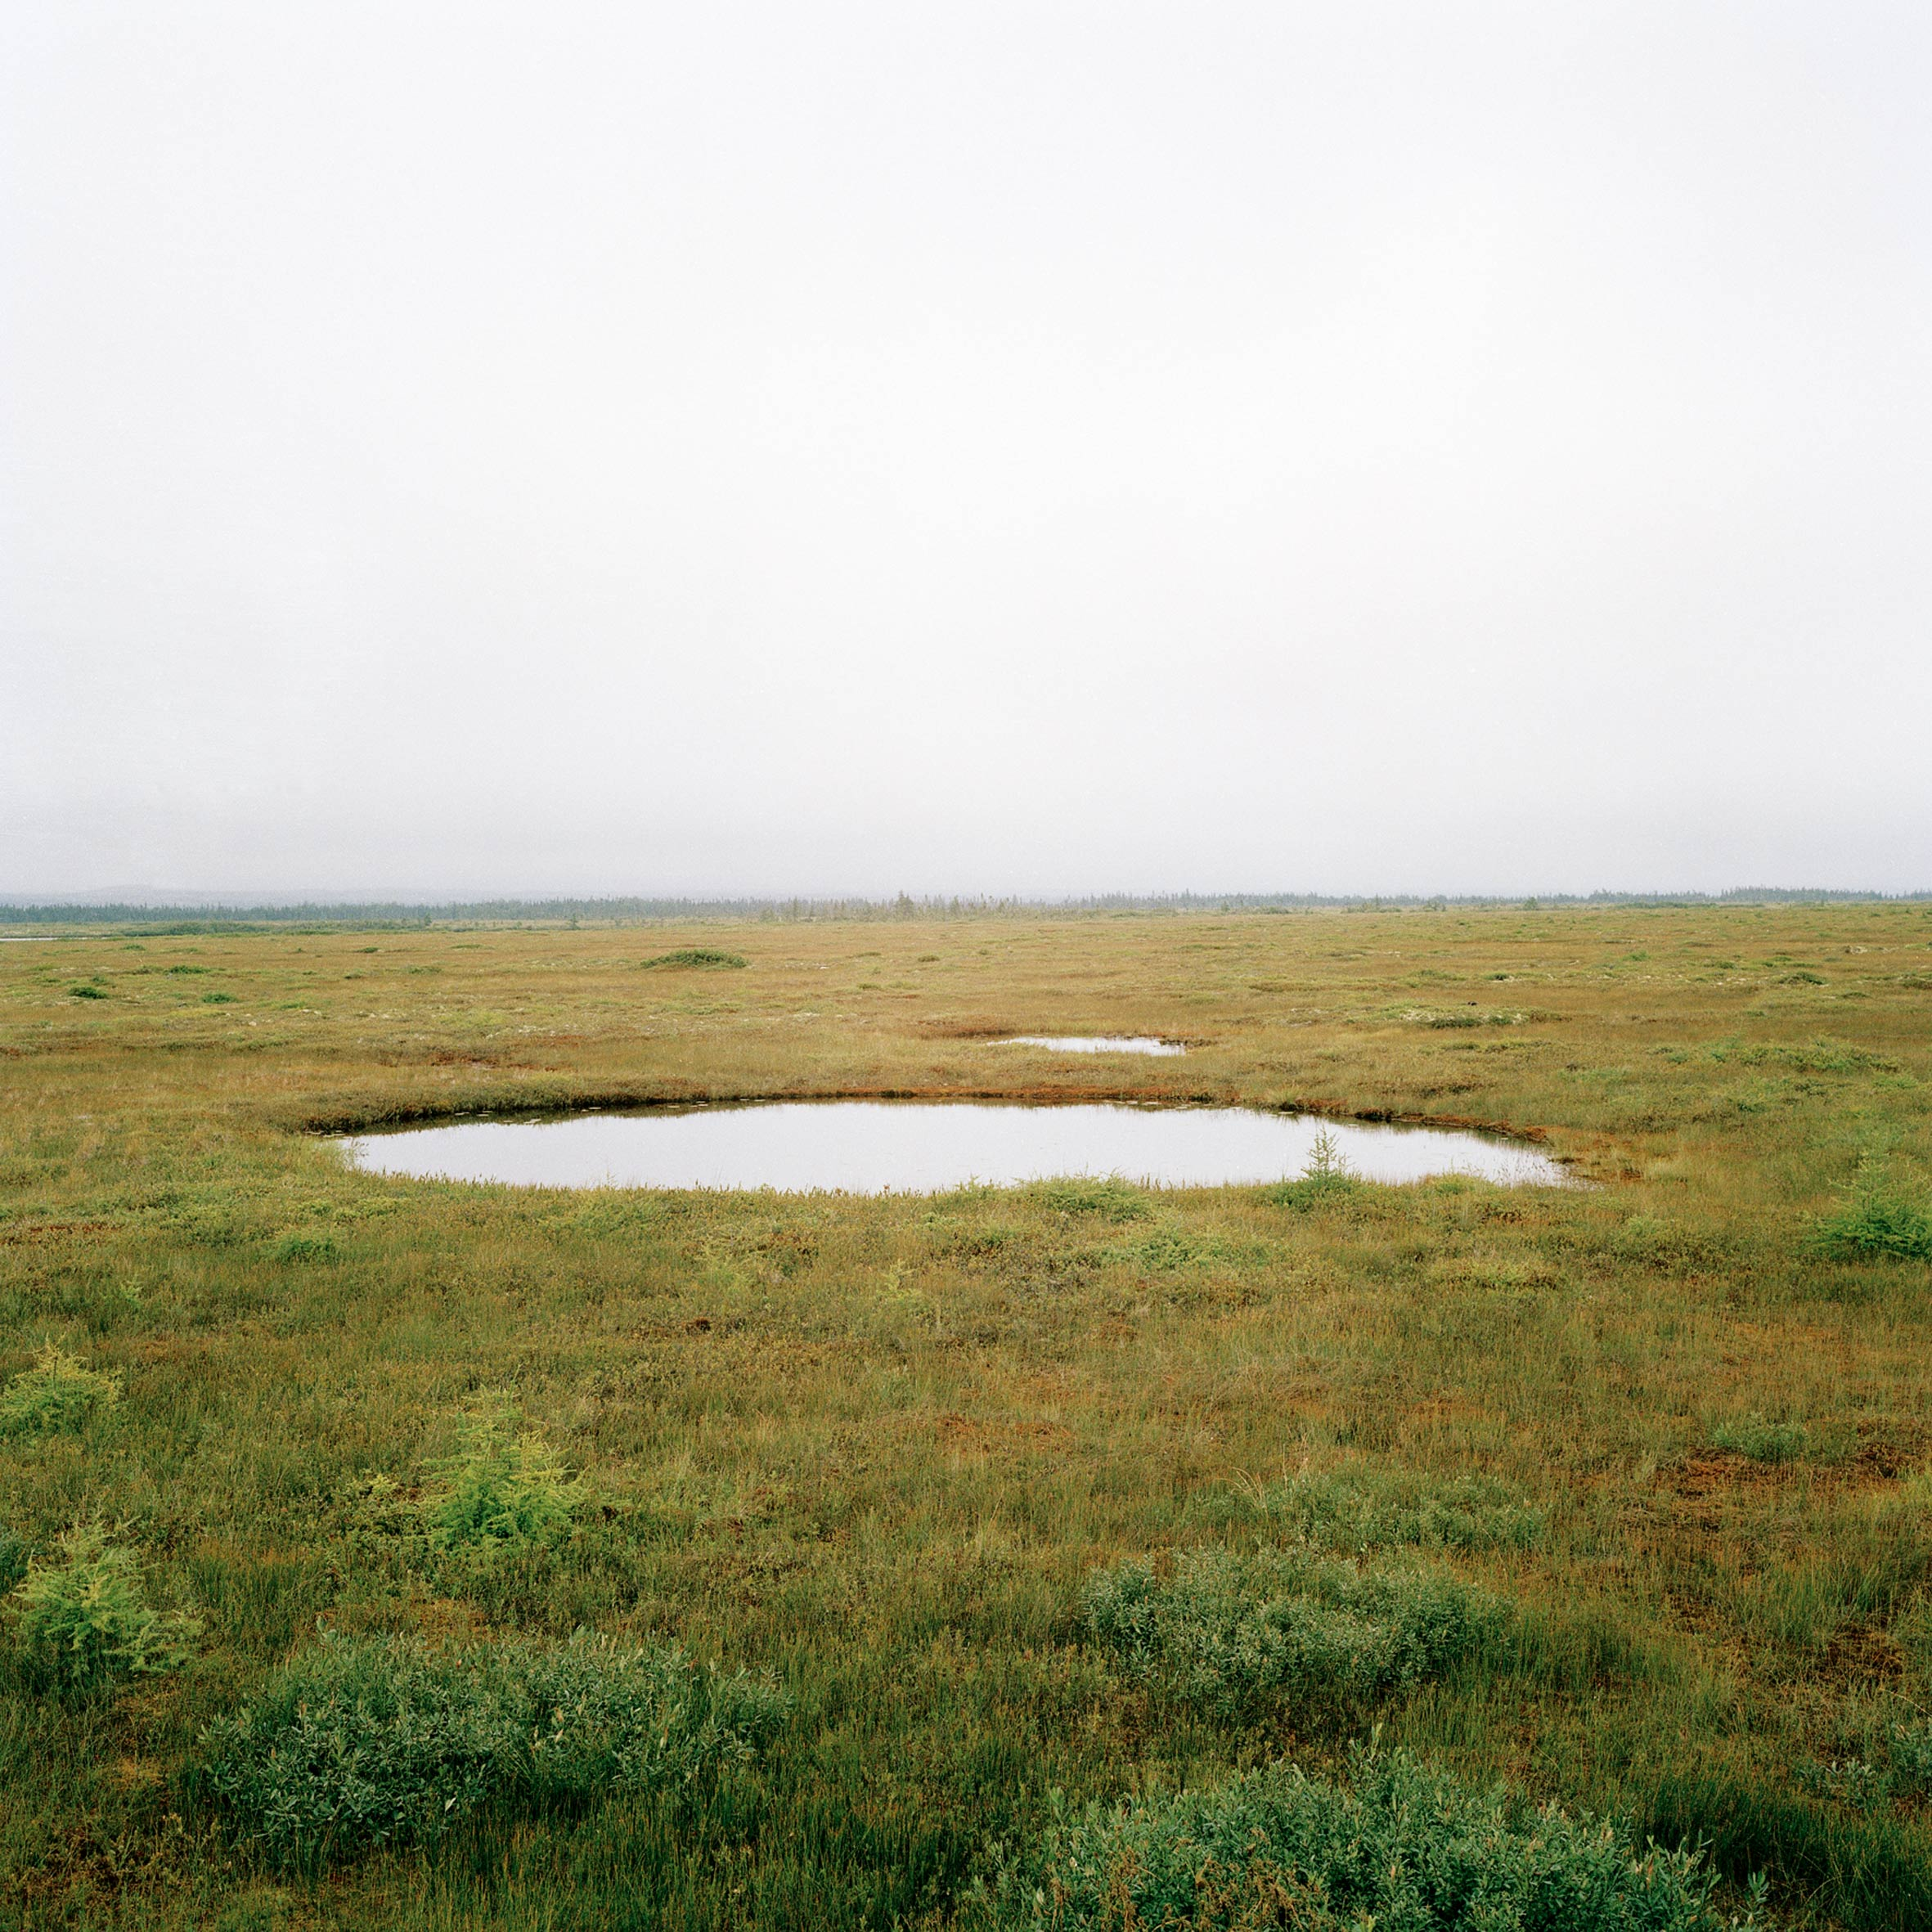 marcher créer, périple autobiographique, territoire du Labrador au Québec, paysage, désert, paysage désertique, flac d'eau, lac, ciel